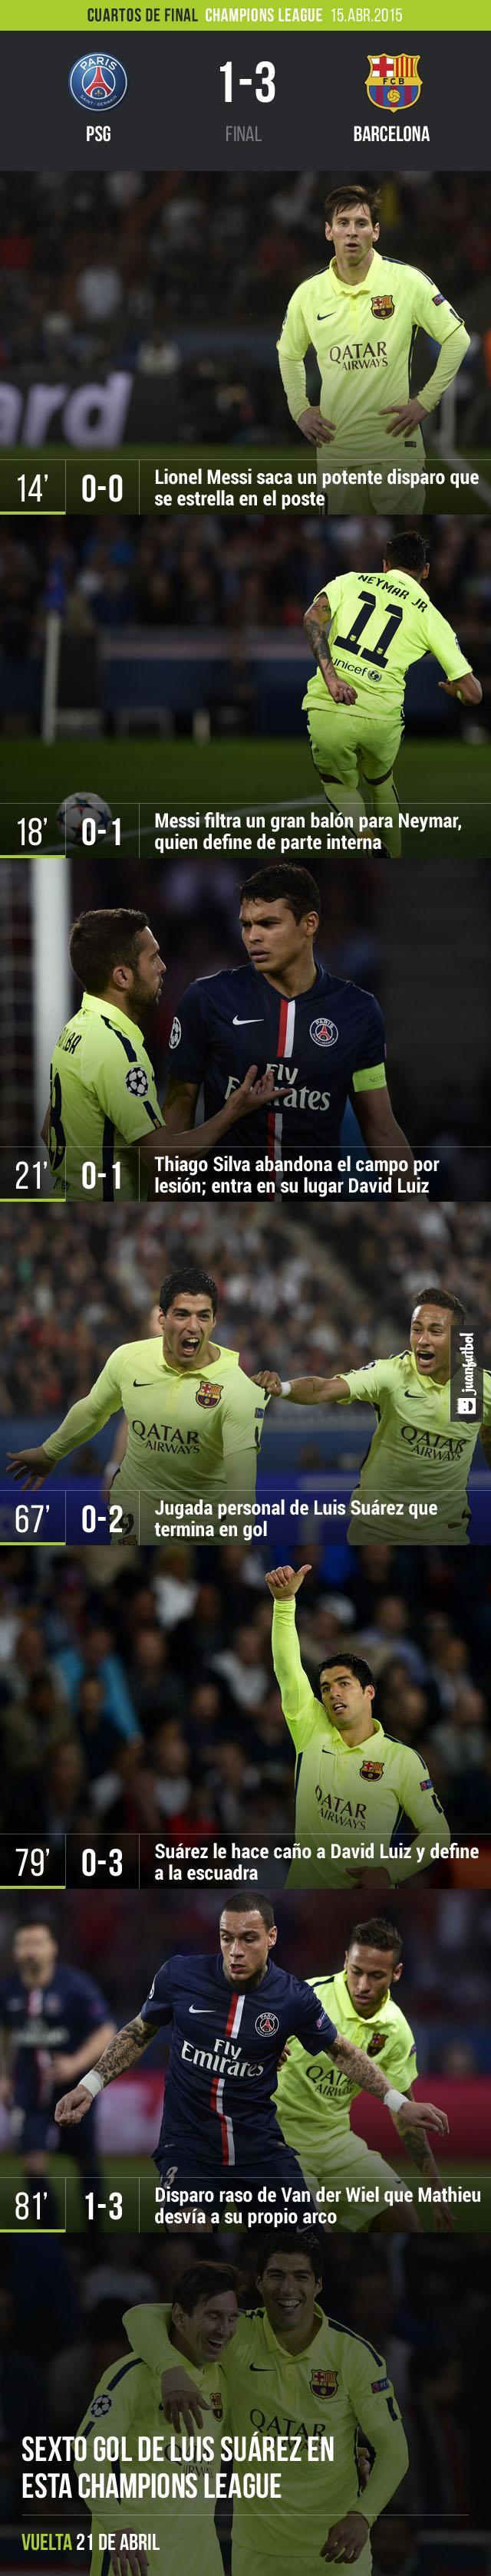 El Barcelona derrota por 3-1 al PSG en los cuartos de final de la Champions League.